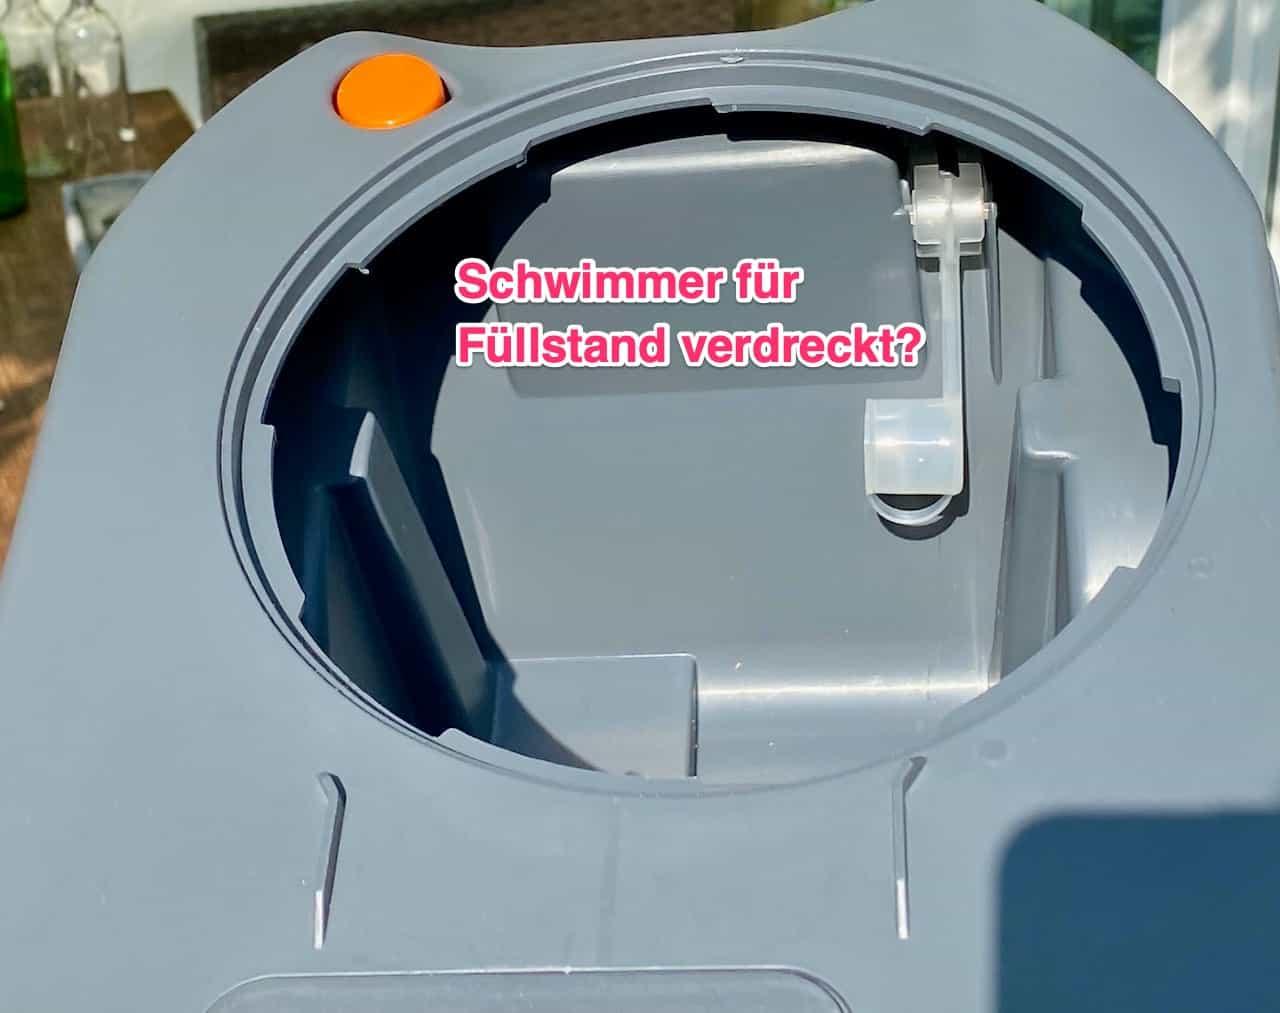 Thetford-Toilettenkassette-C250-stinkt-und-riecht-Ursache-Toilettenpapier-auf-Füllstand-Schwimmer